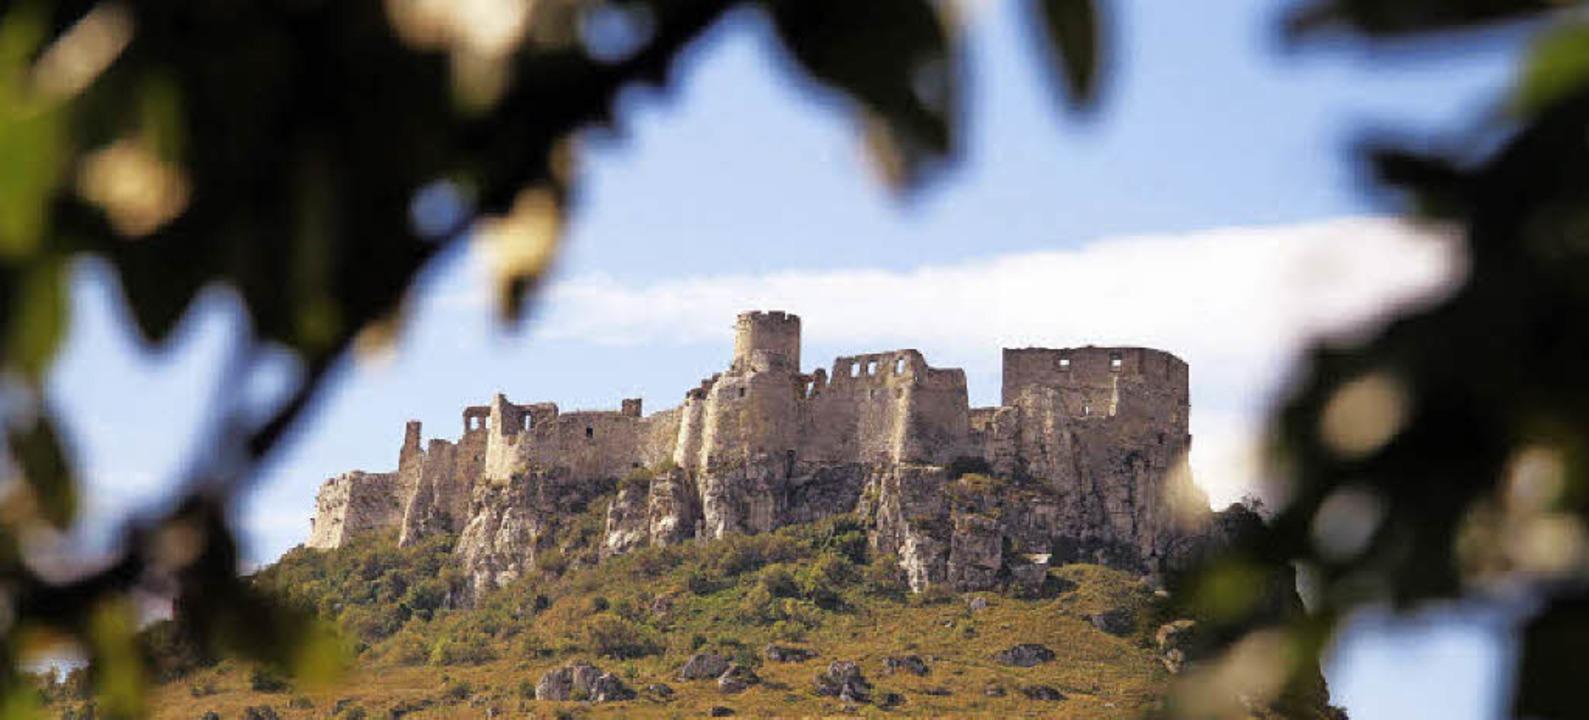 Eindrucksvolles Bauwerk: die Zipser Burg   | Foto: Christian Schreiber